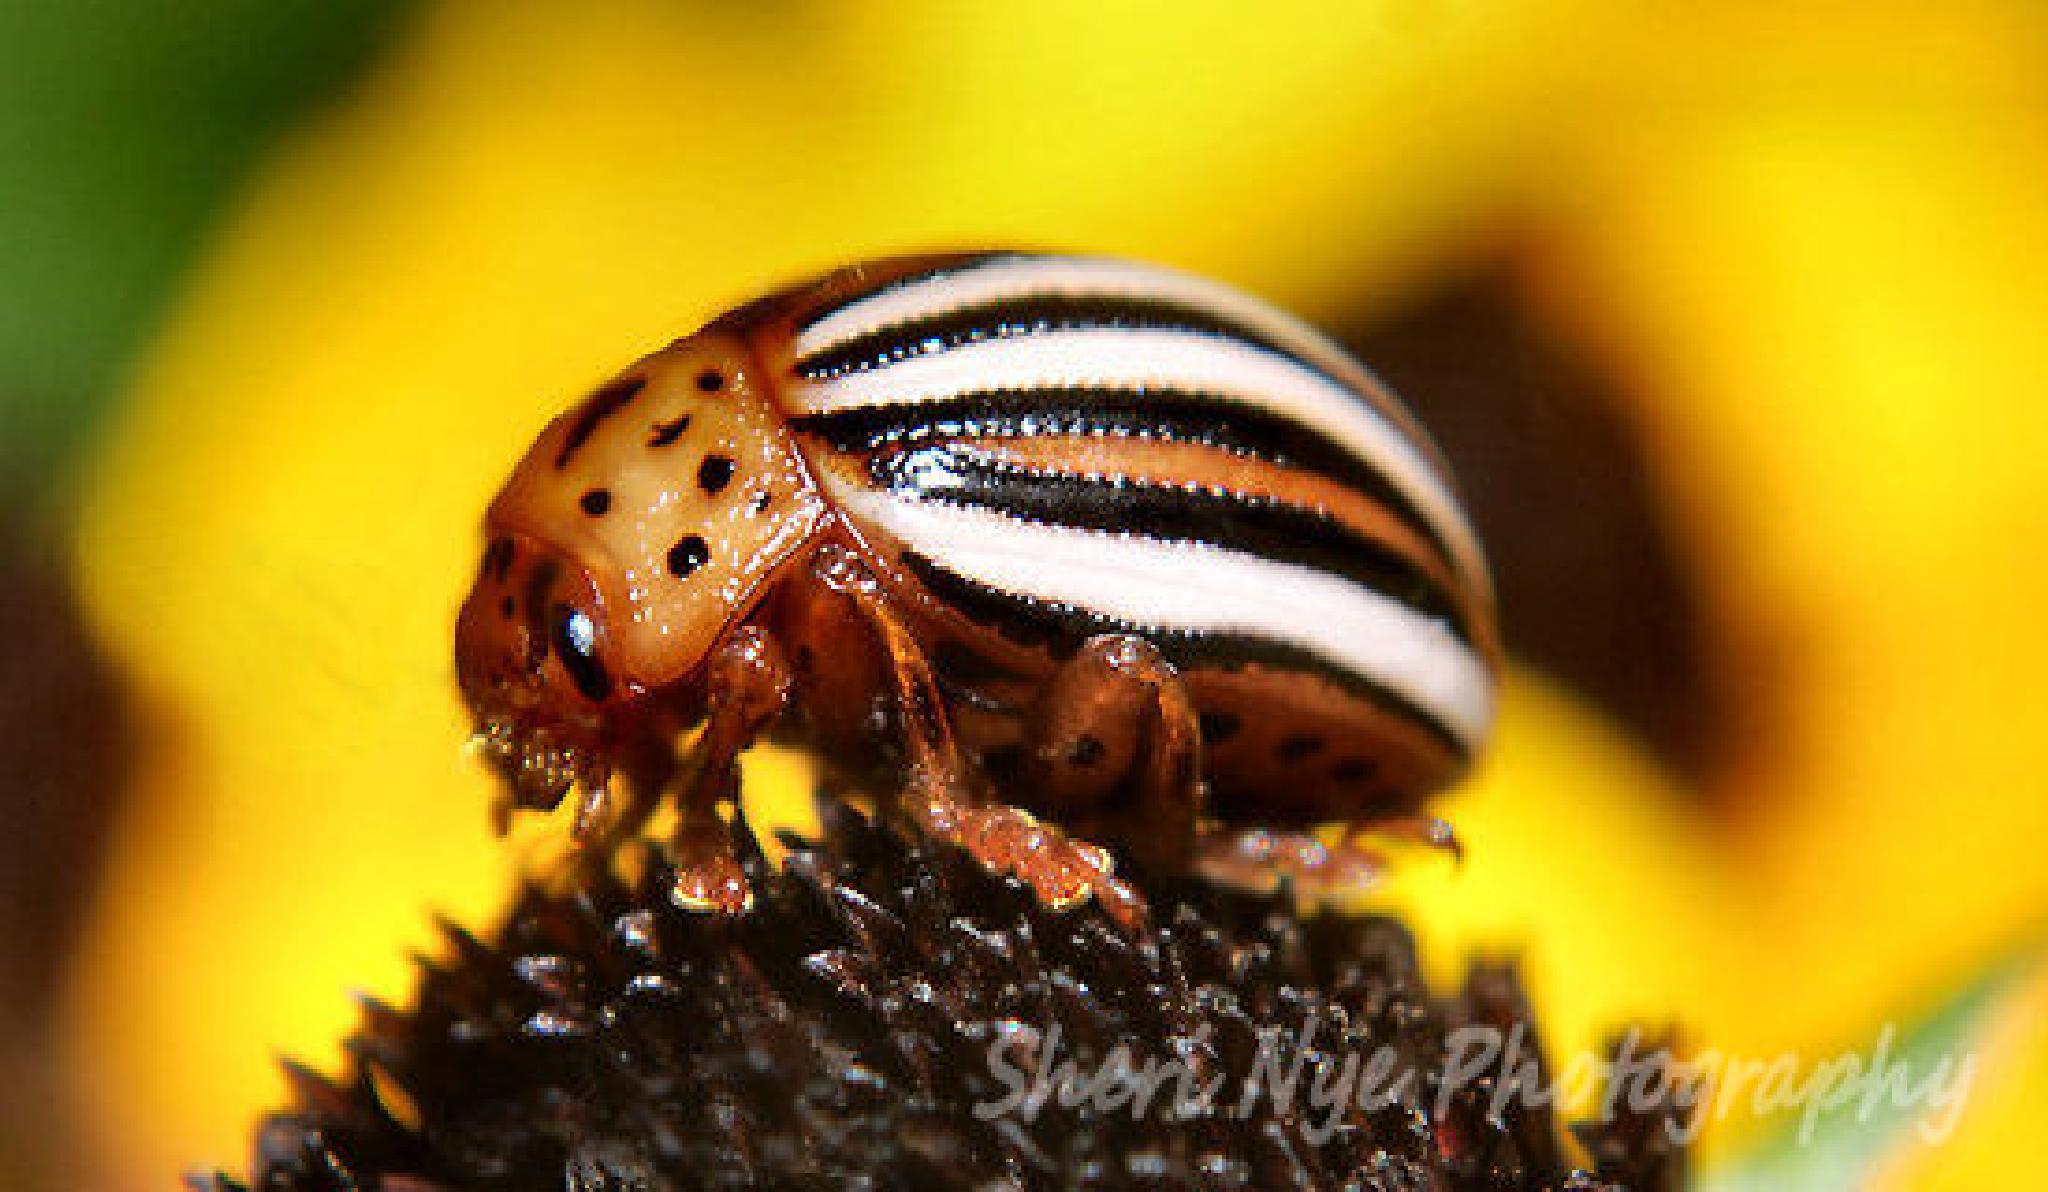 Potato Beetle by sheri.nye